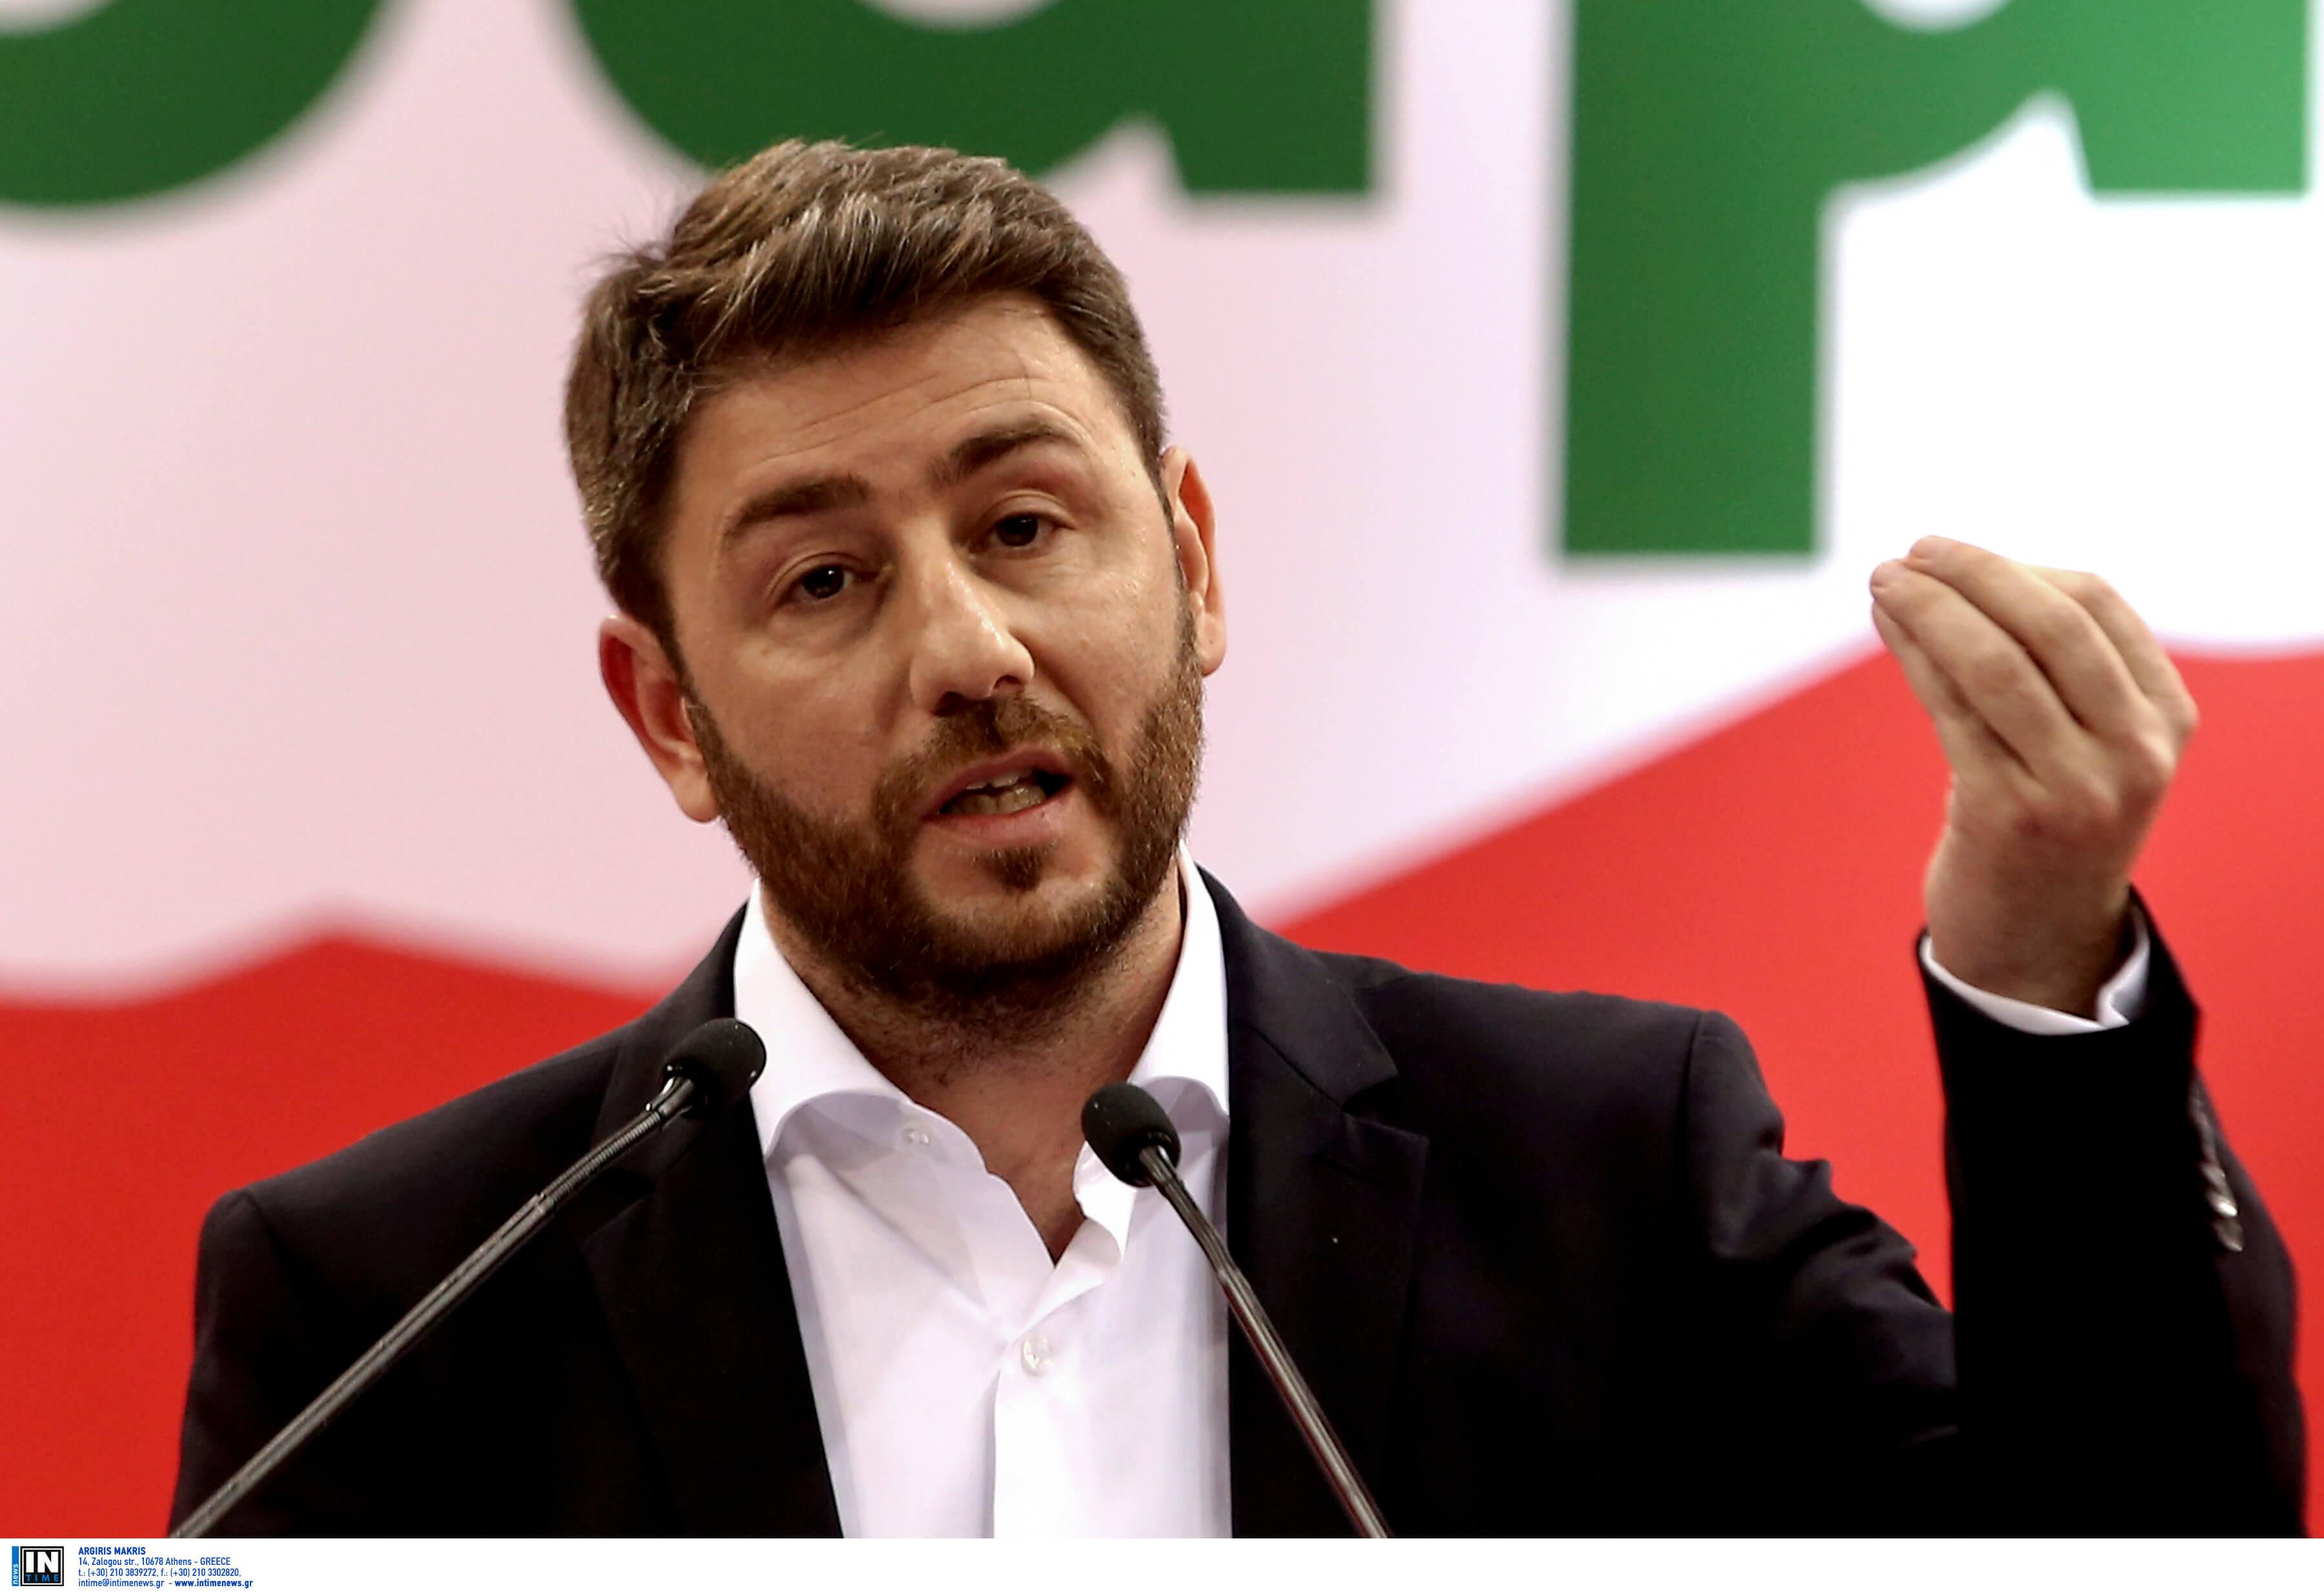 Νίκος Ανδρουλάκης για εκλογές ΚΙΝΑΛ: Η παράταξη να μην πυροβολήσει τα πόδια της